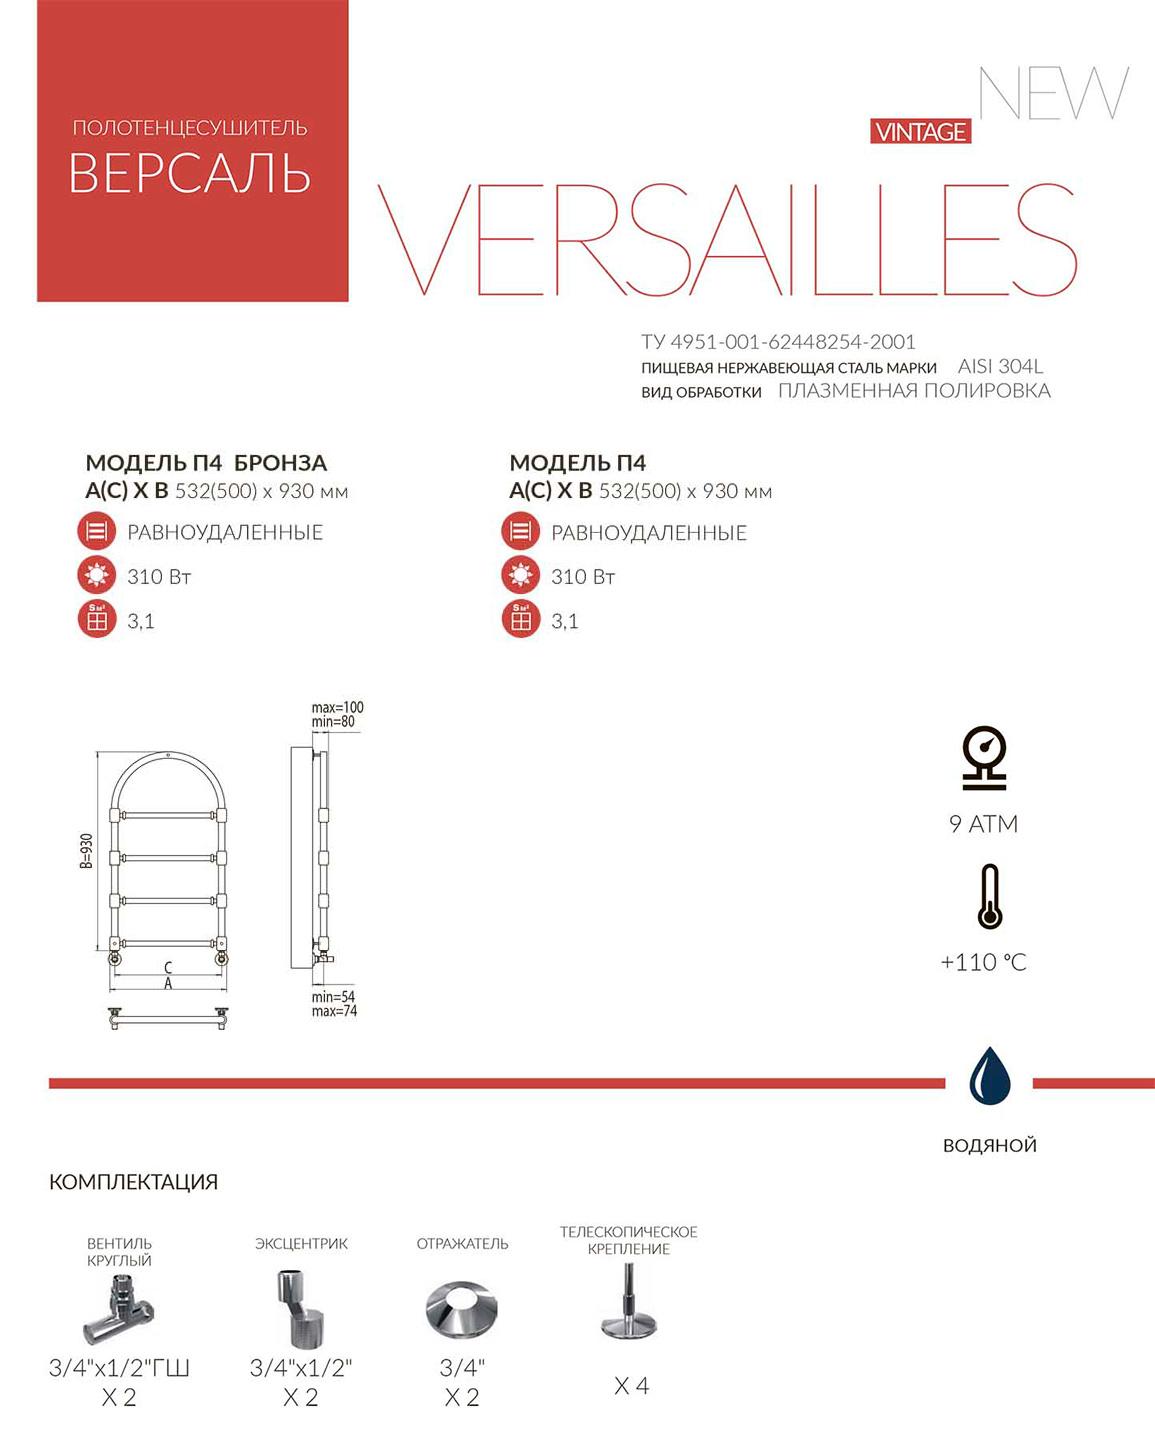 Терминус Версаль Техническая документация и схема полотенцесушителя